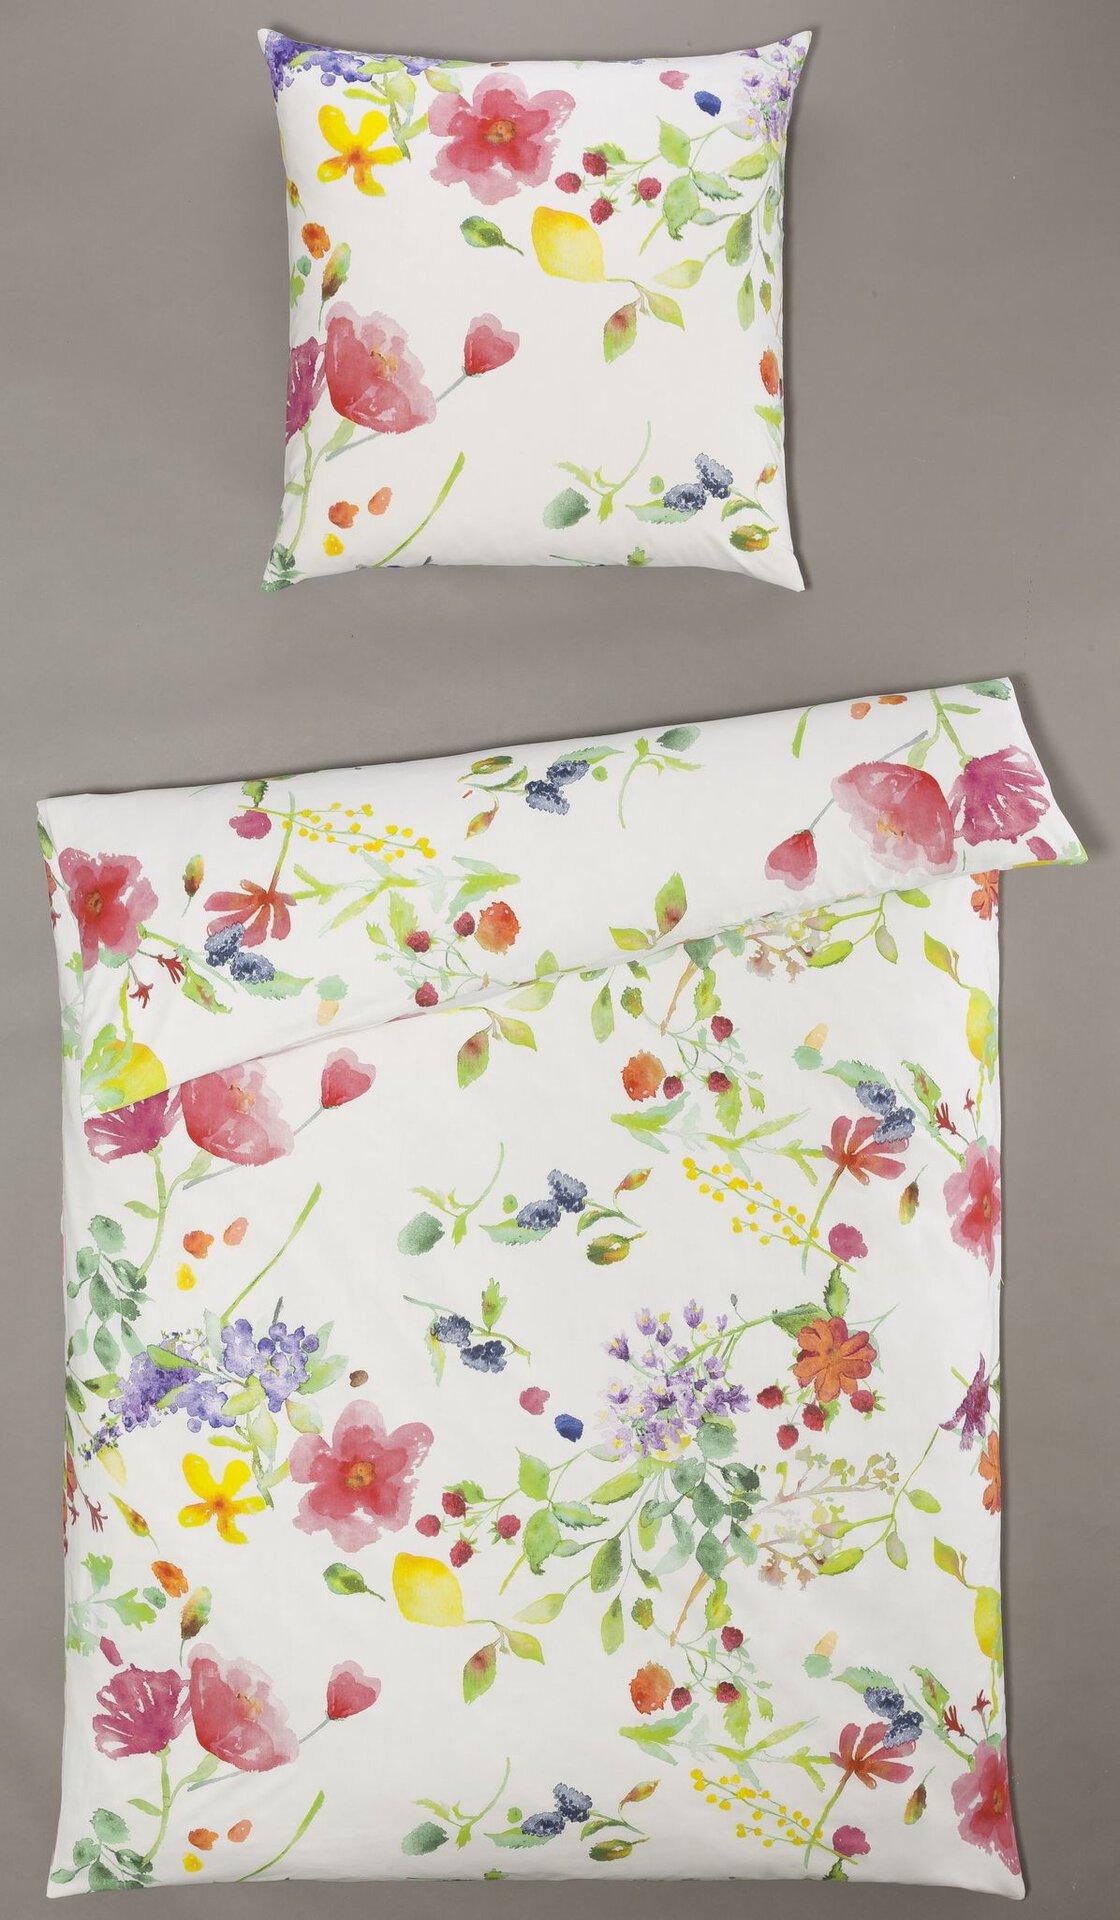 Renforce-Bettwäsche Anette Blumenwiese Casa Nova Textil weiß 135 x 200 cm